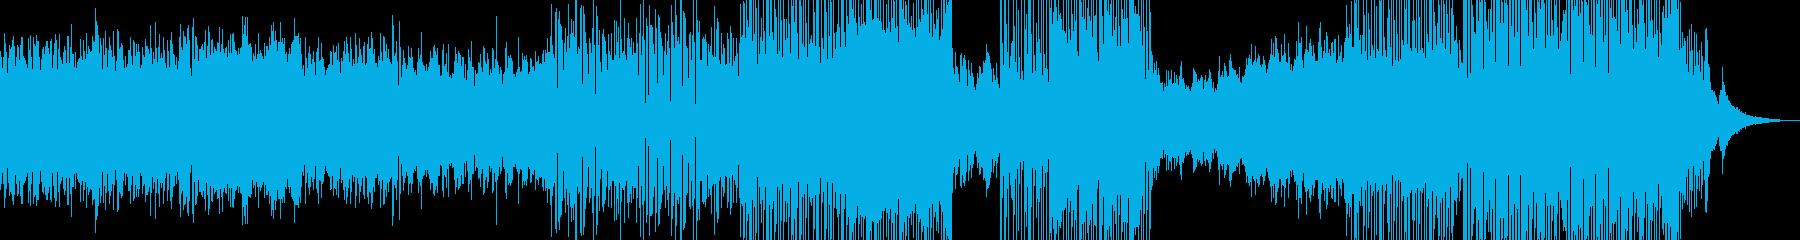 癒し系RPG・後半から打楽器のリズム ★の再生済みの波形